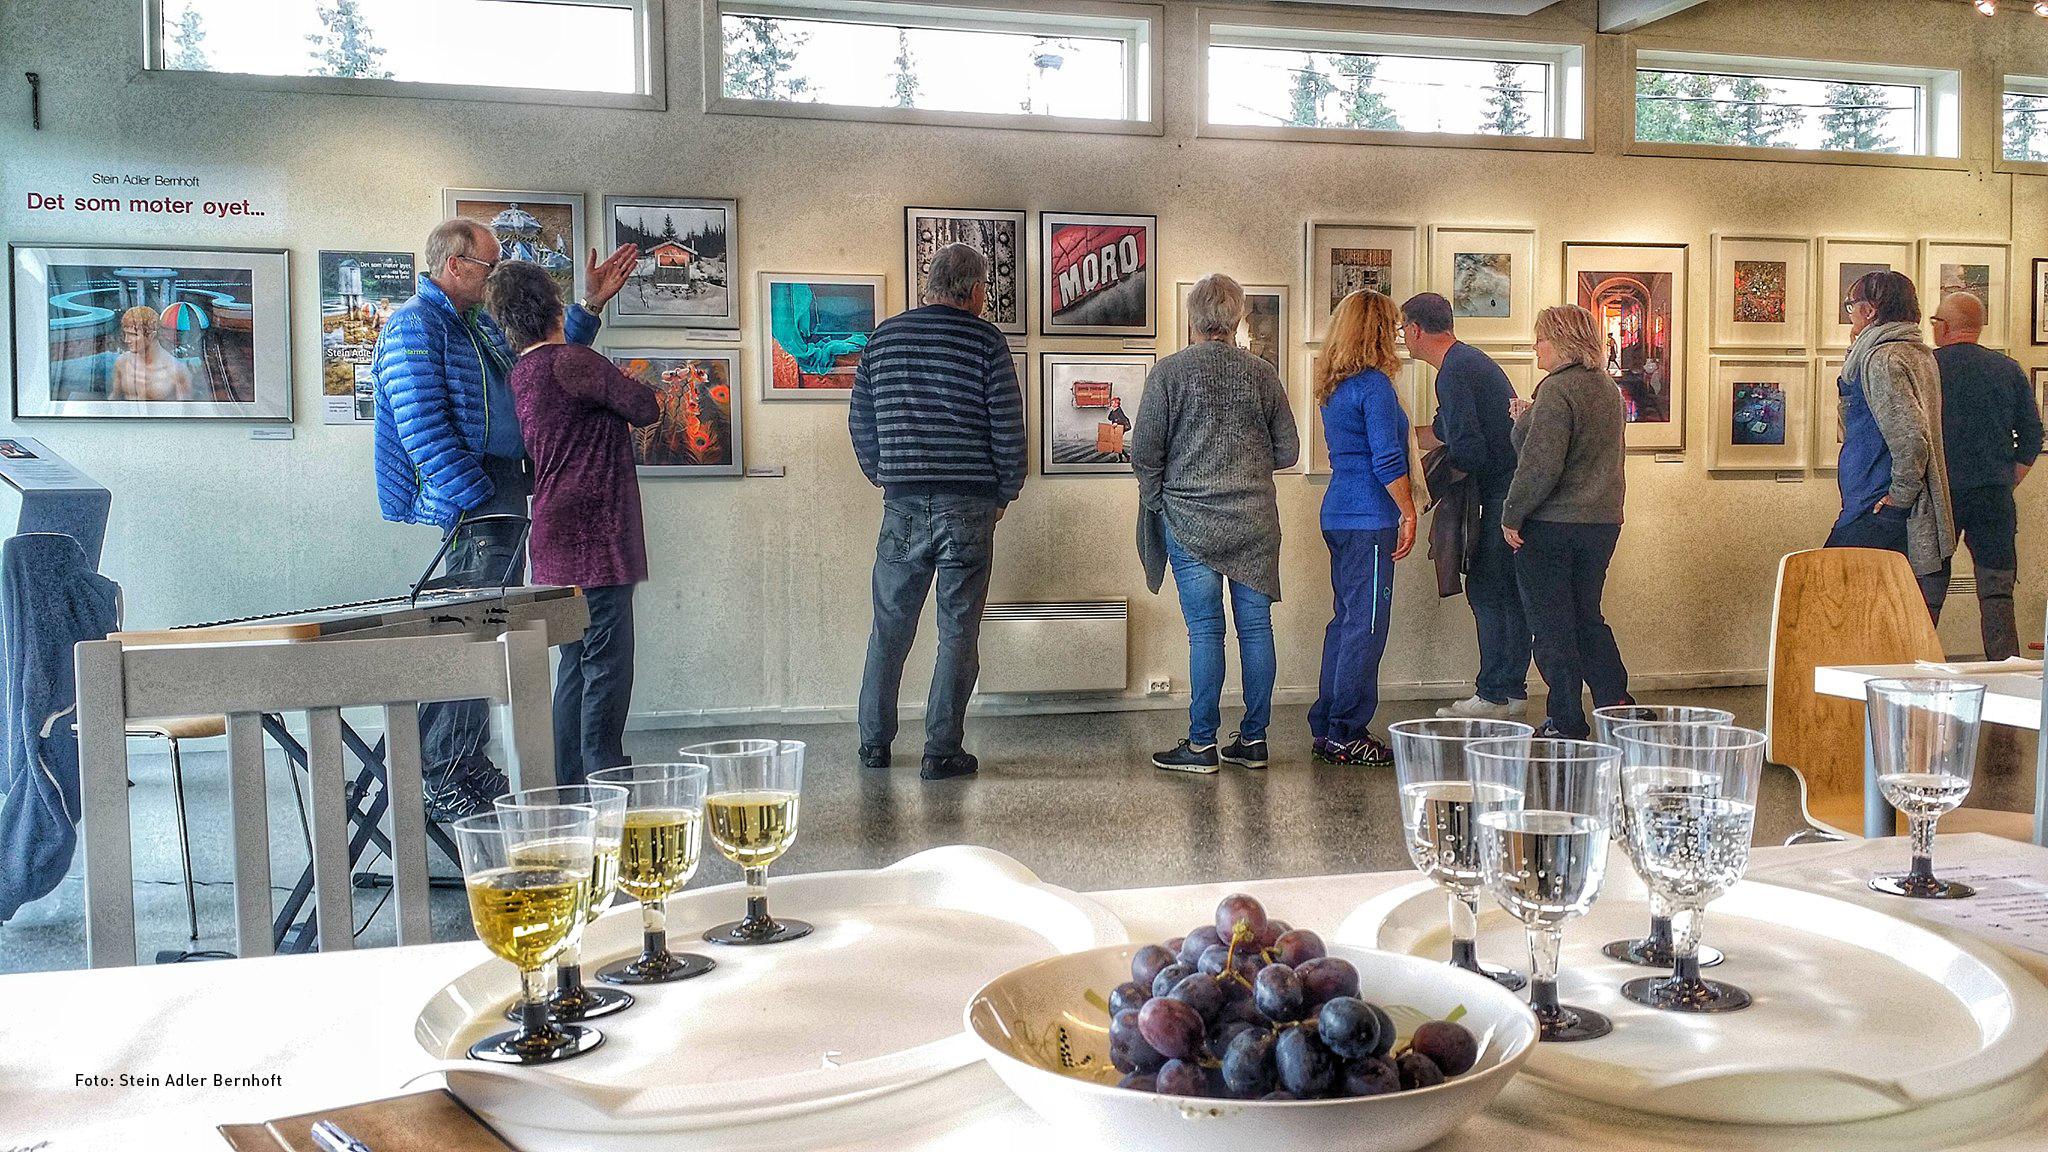 Utstilling av bilder med mange besøkende.